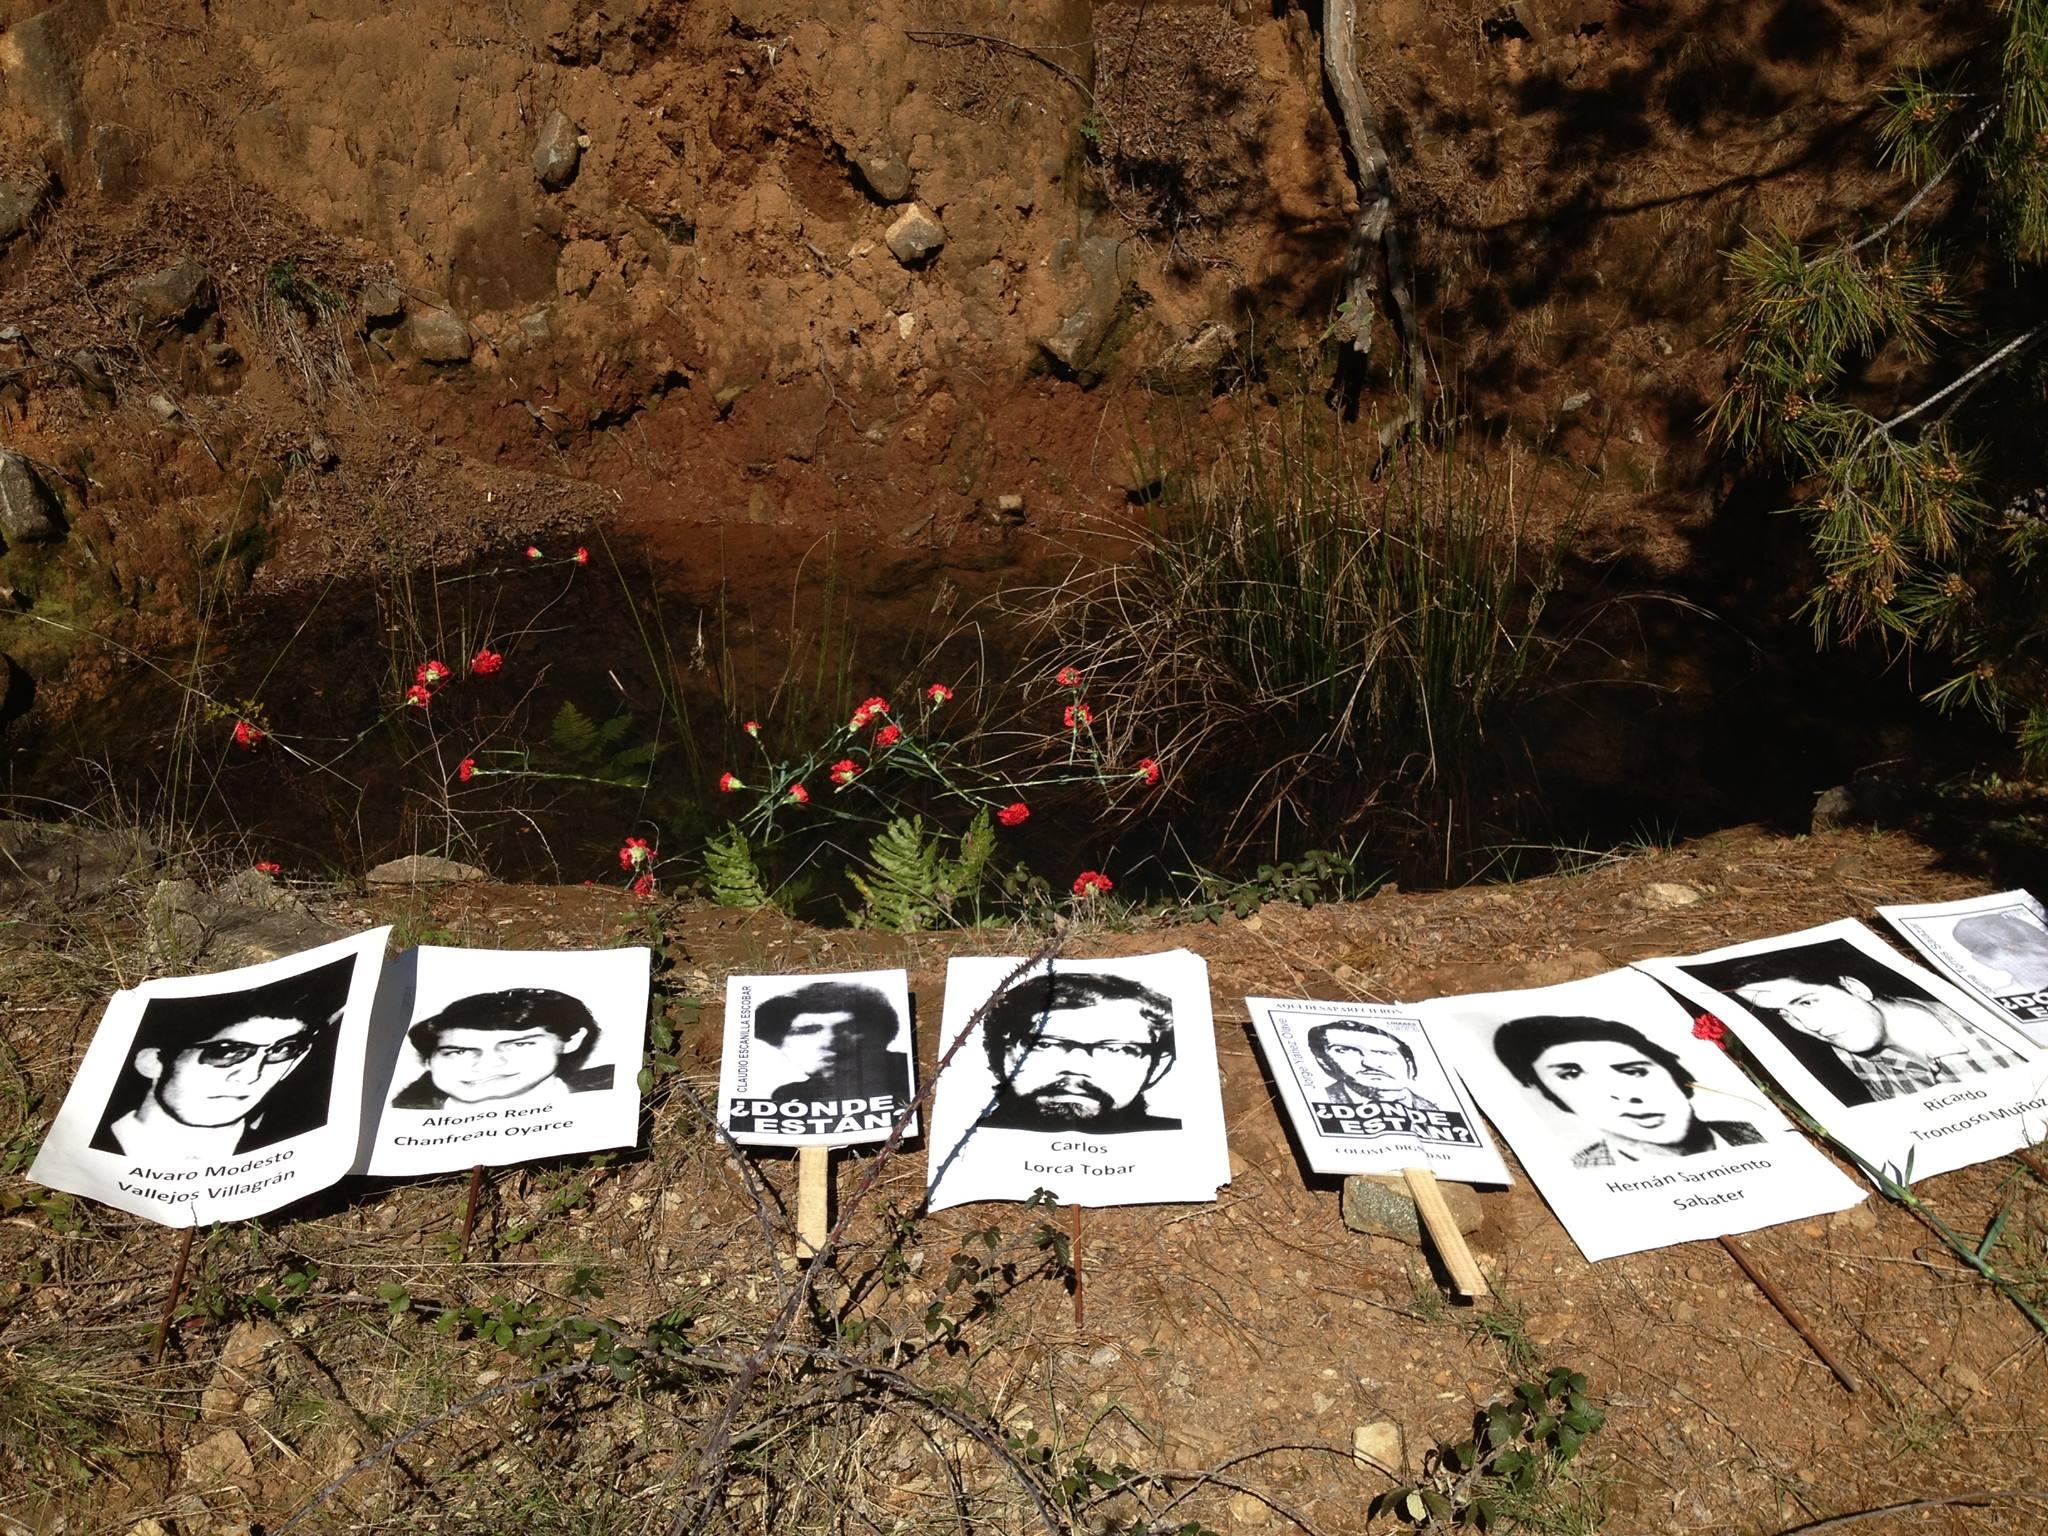 Photo: Victims of Colonia Dignidad